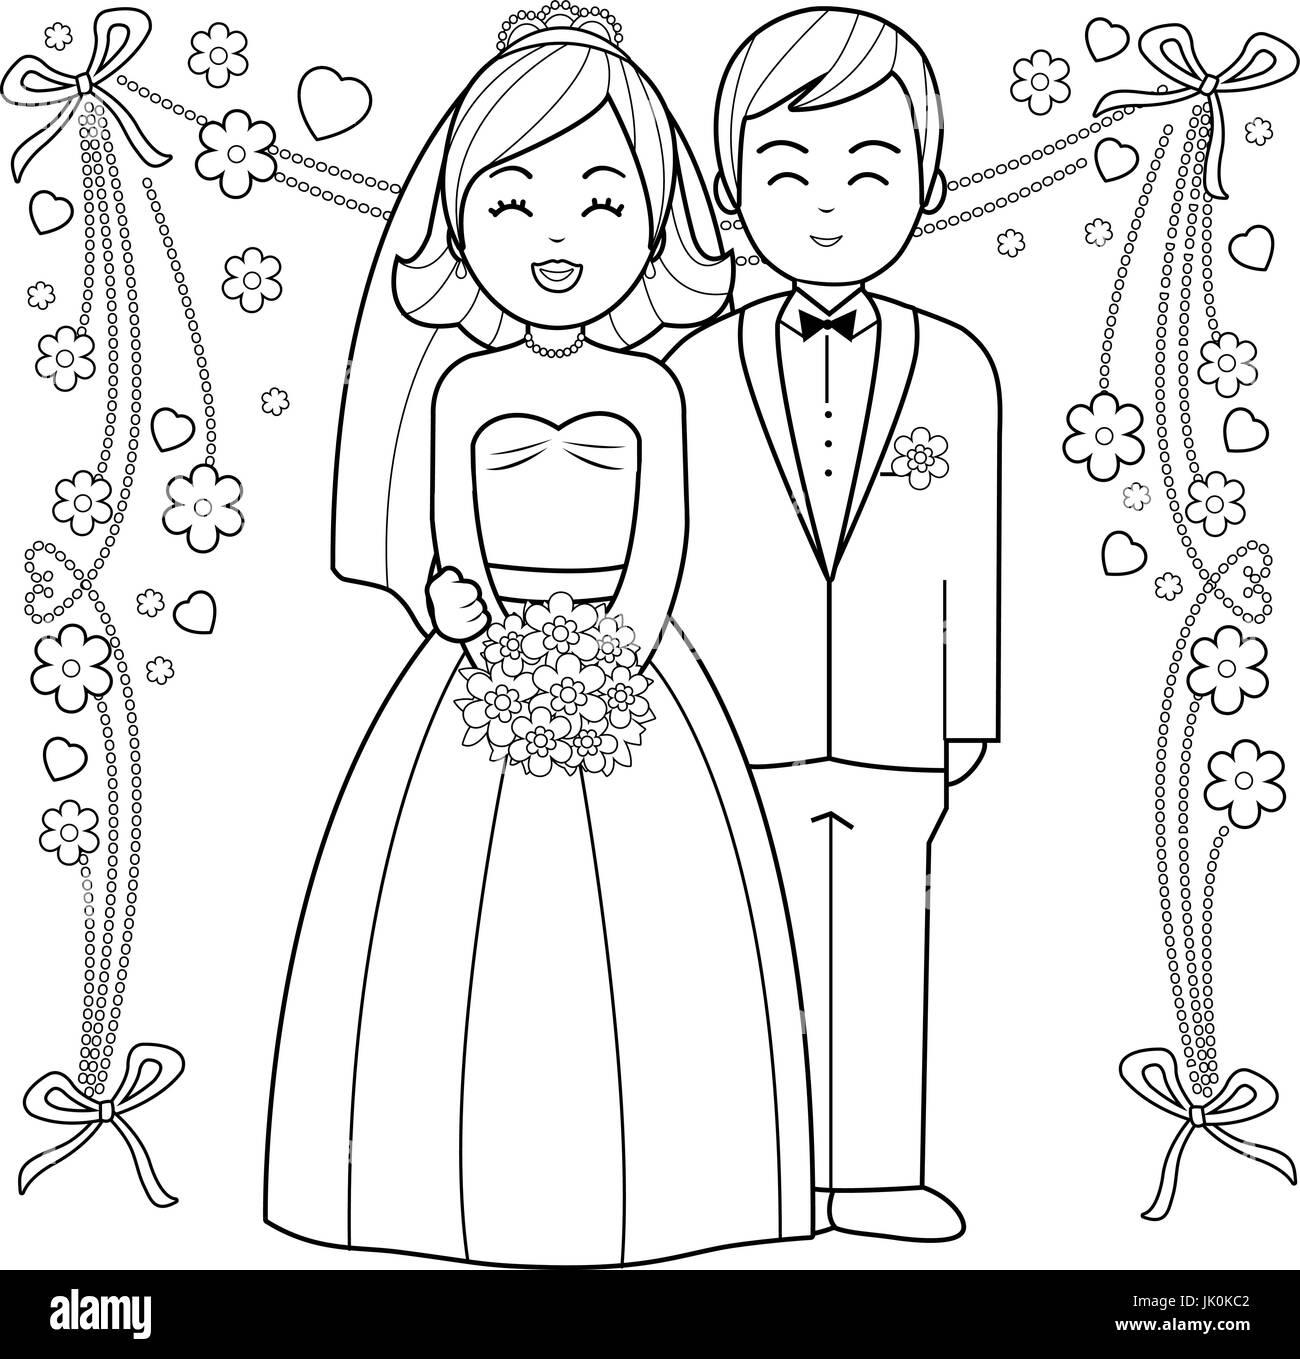 Coloring book vector vectors immagini coloring book - Disegni in bianco per la colorazione ...